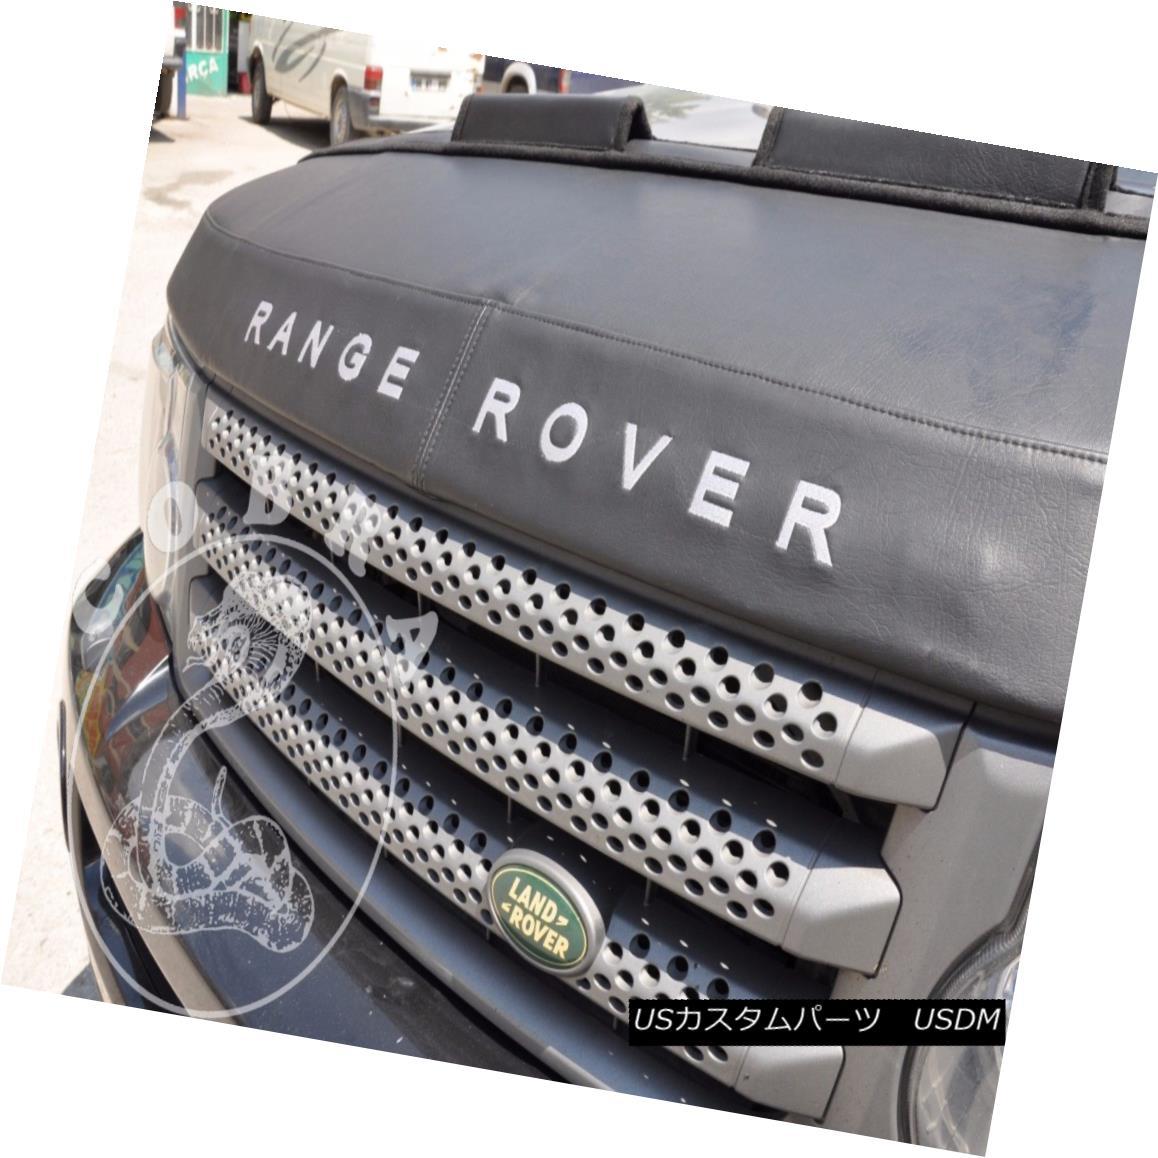 フルブラ ノーズブラ Car Hood Bra + LOGO Fits Land Range Rover Sport 04 05 06 07 08 09 10 11 12 車のフードブラジャー+ロゴは、土地のレンジローバースポーツに合う04 05 06 07 08 09 10 11 12